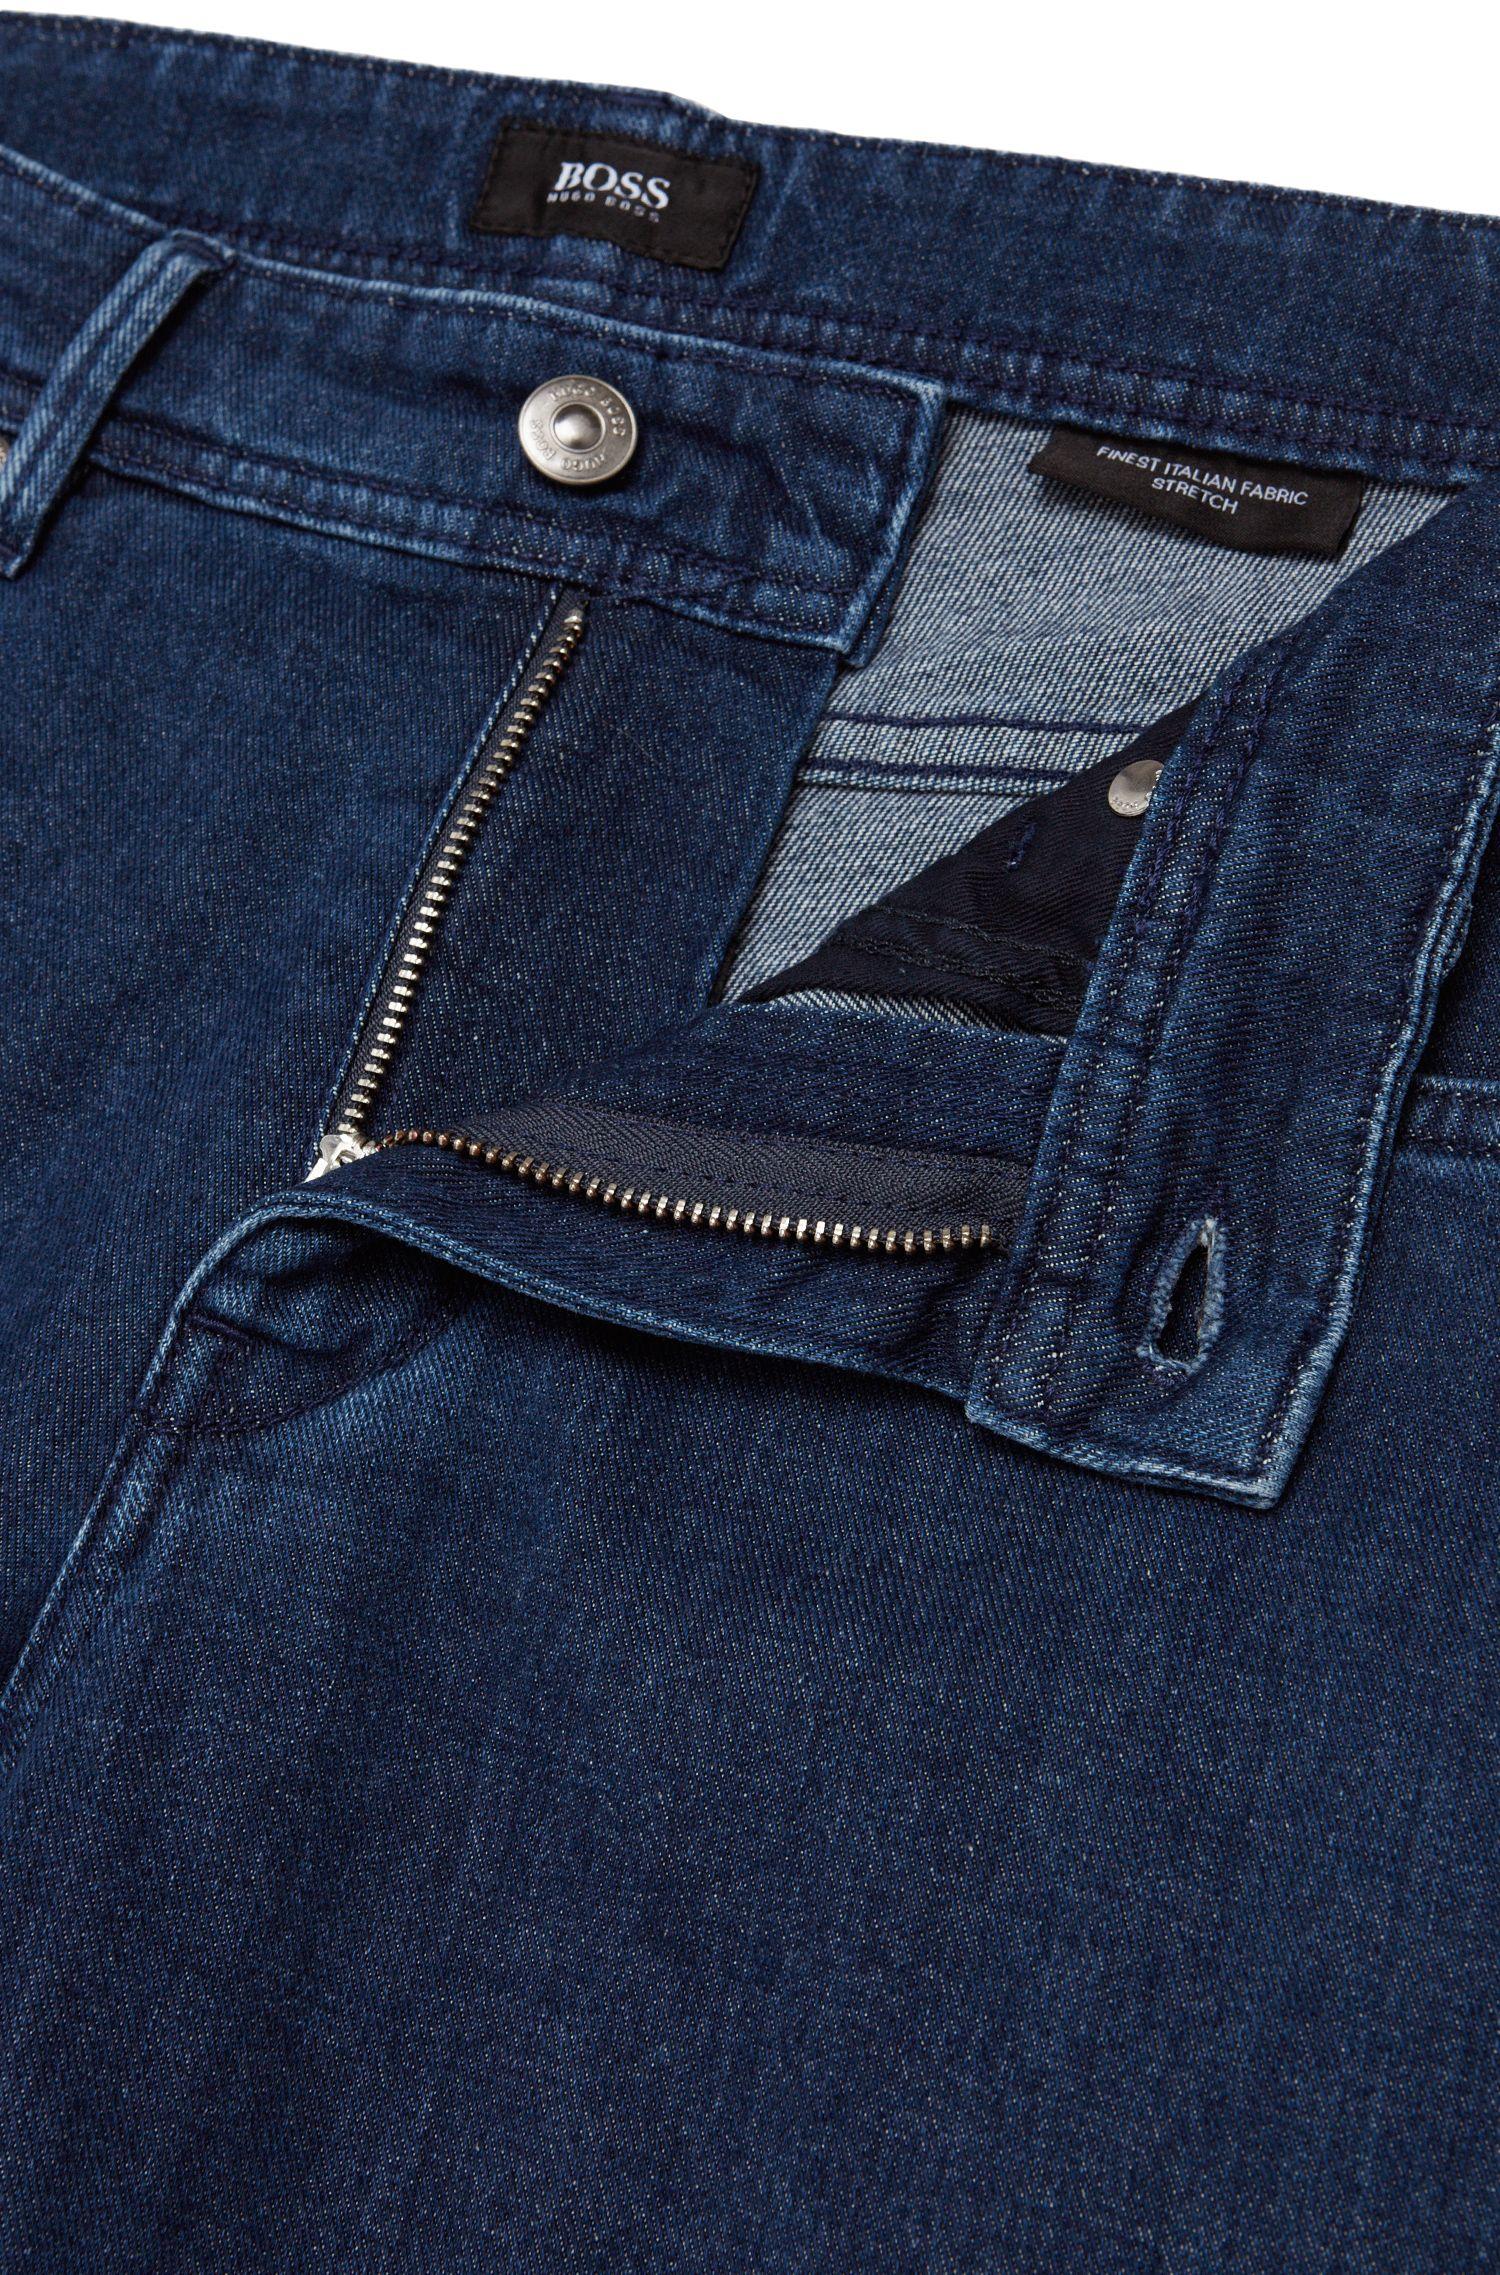 Slim-Fit Jeans aus Stretch-Baumwolle in Rinsed-Optik: 'Charleston3'